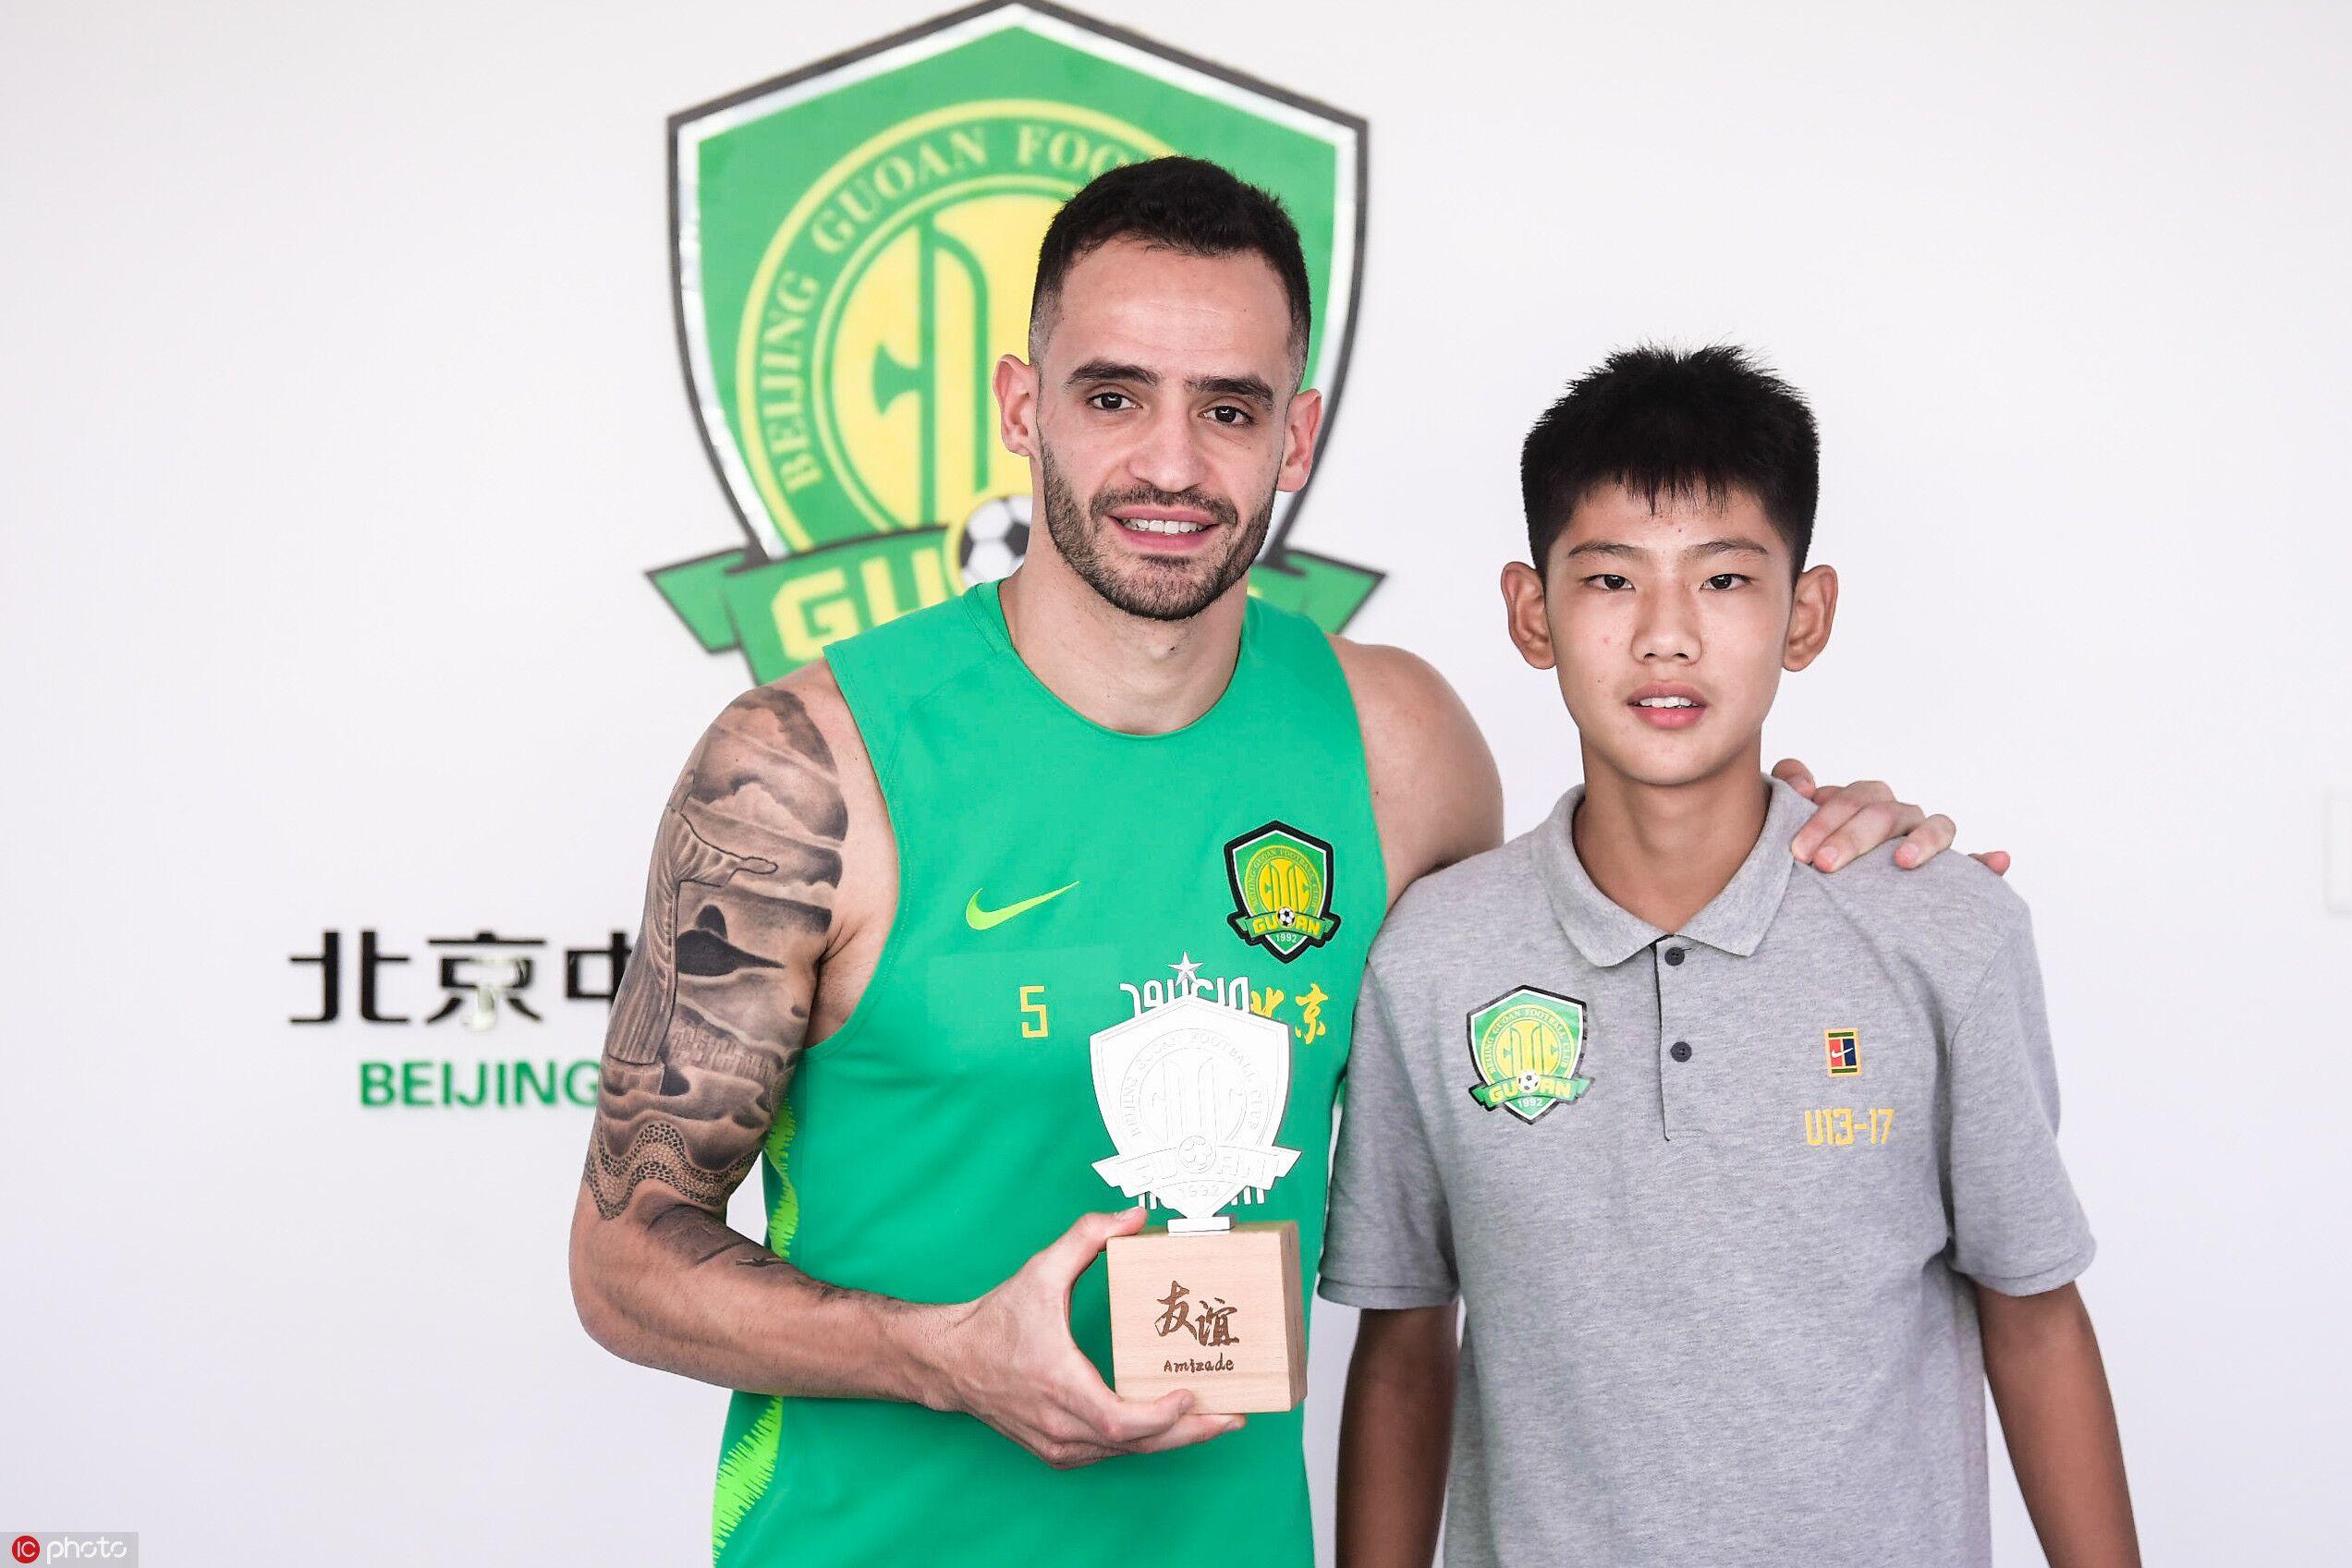 奥古斯托荣膺国安七月最佳,U13队长为其颁奖